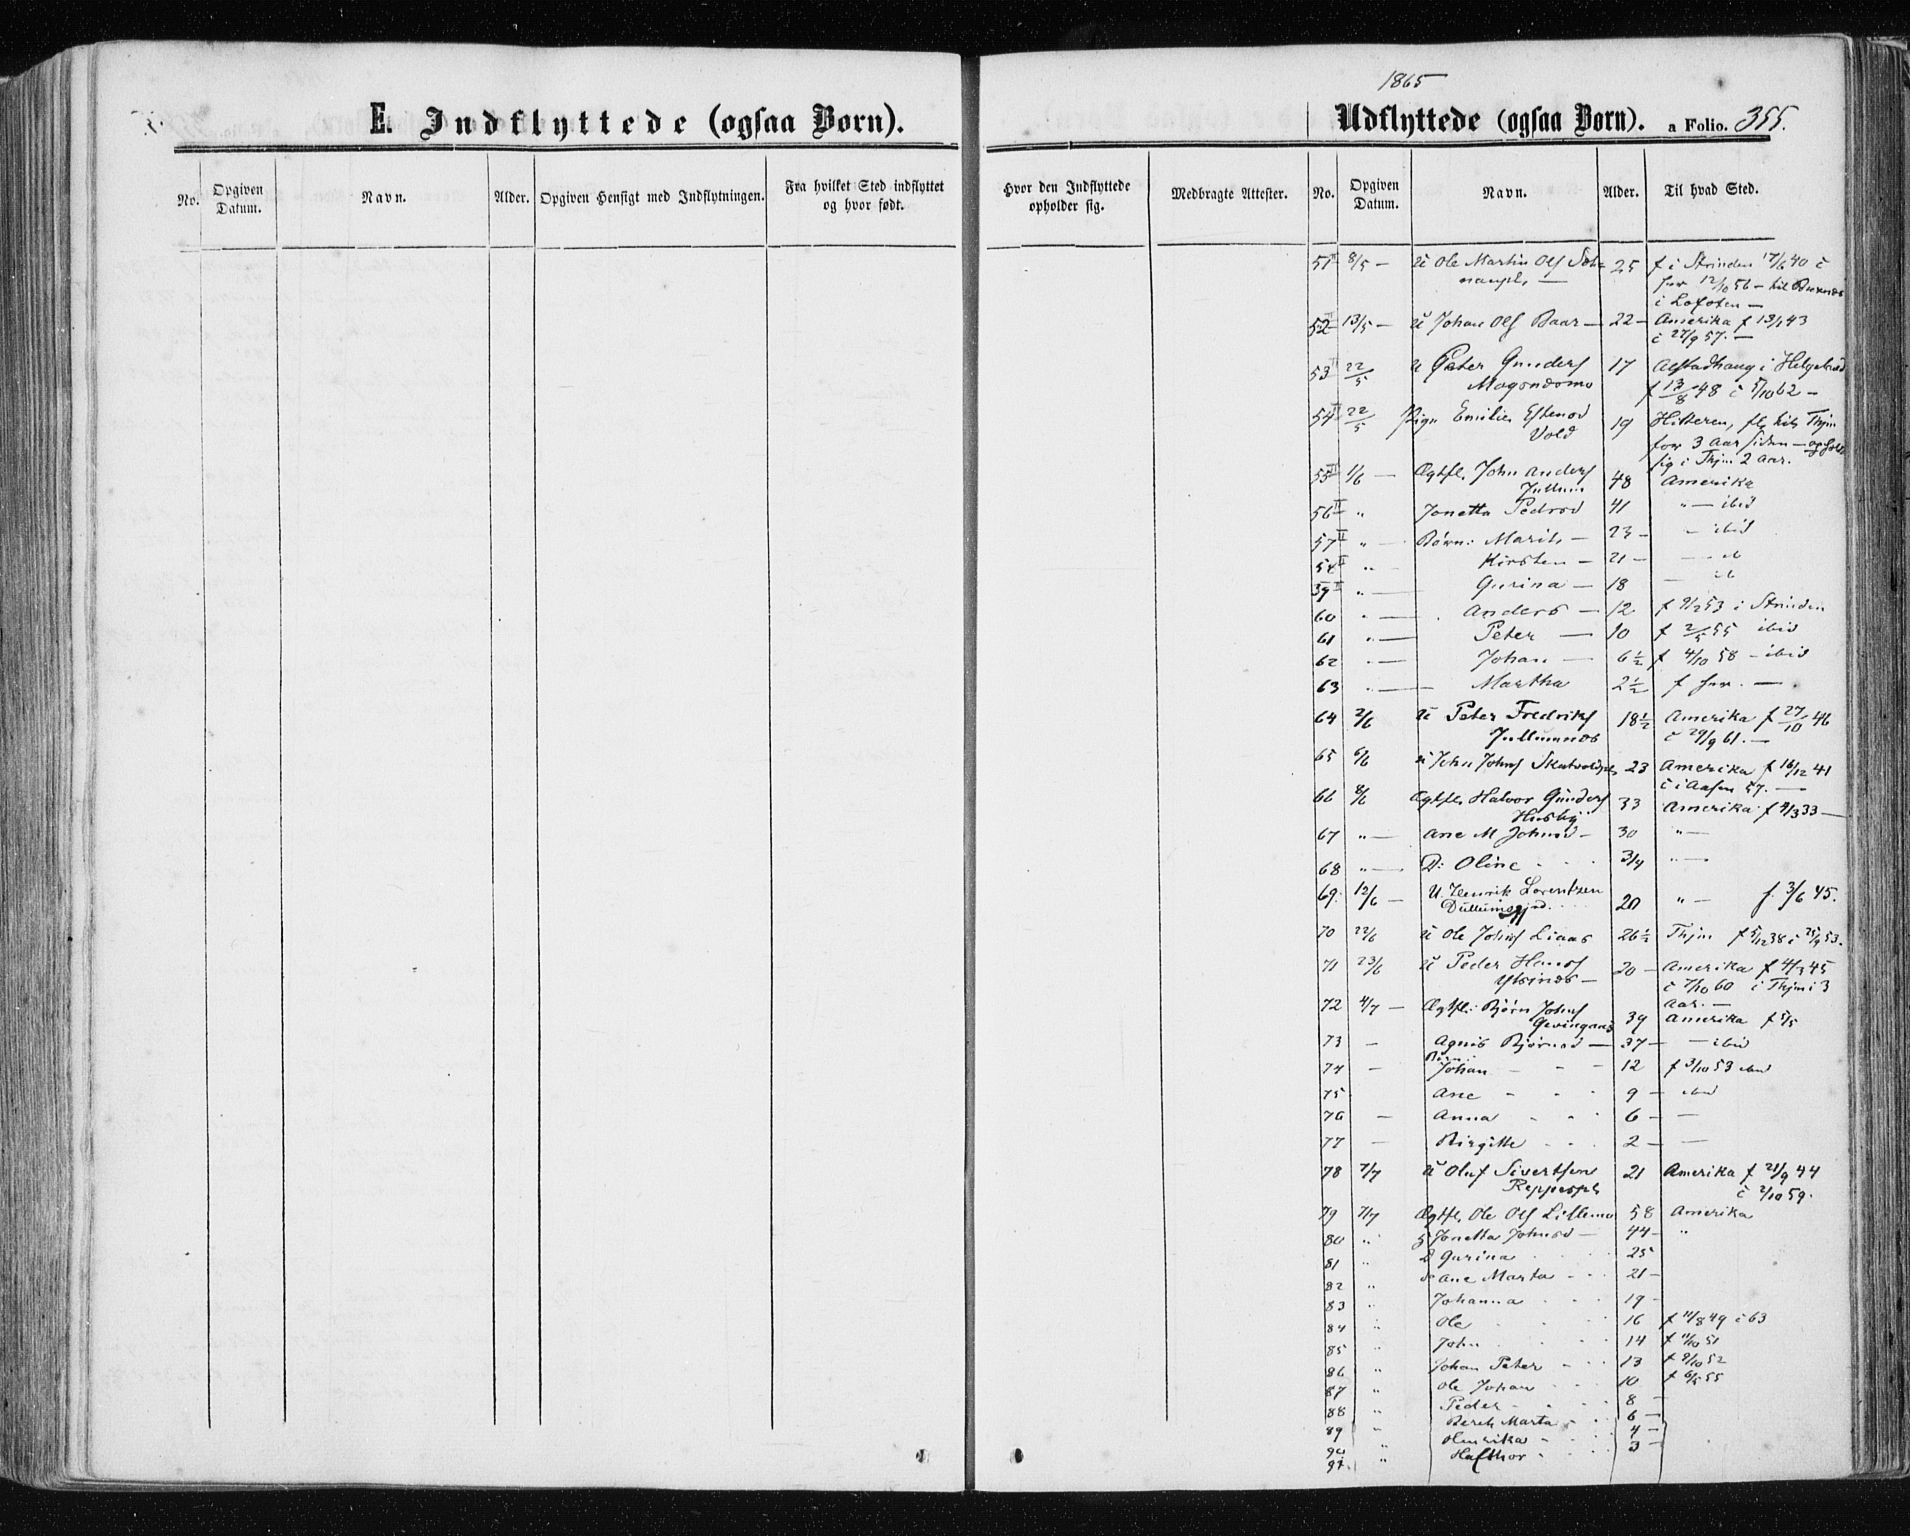 SAT, Ministerialprotokoller, klokkerbøker og fødselsregistre - Nord-Trøndelag, 709/L0075: Ministerialbok nr. 709A15, 1859-1870, s. 355